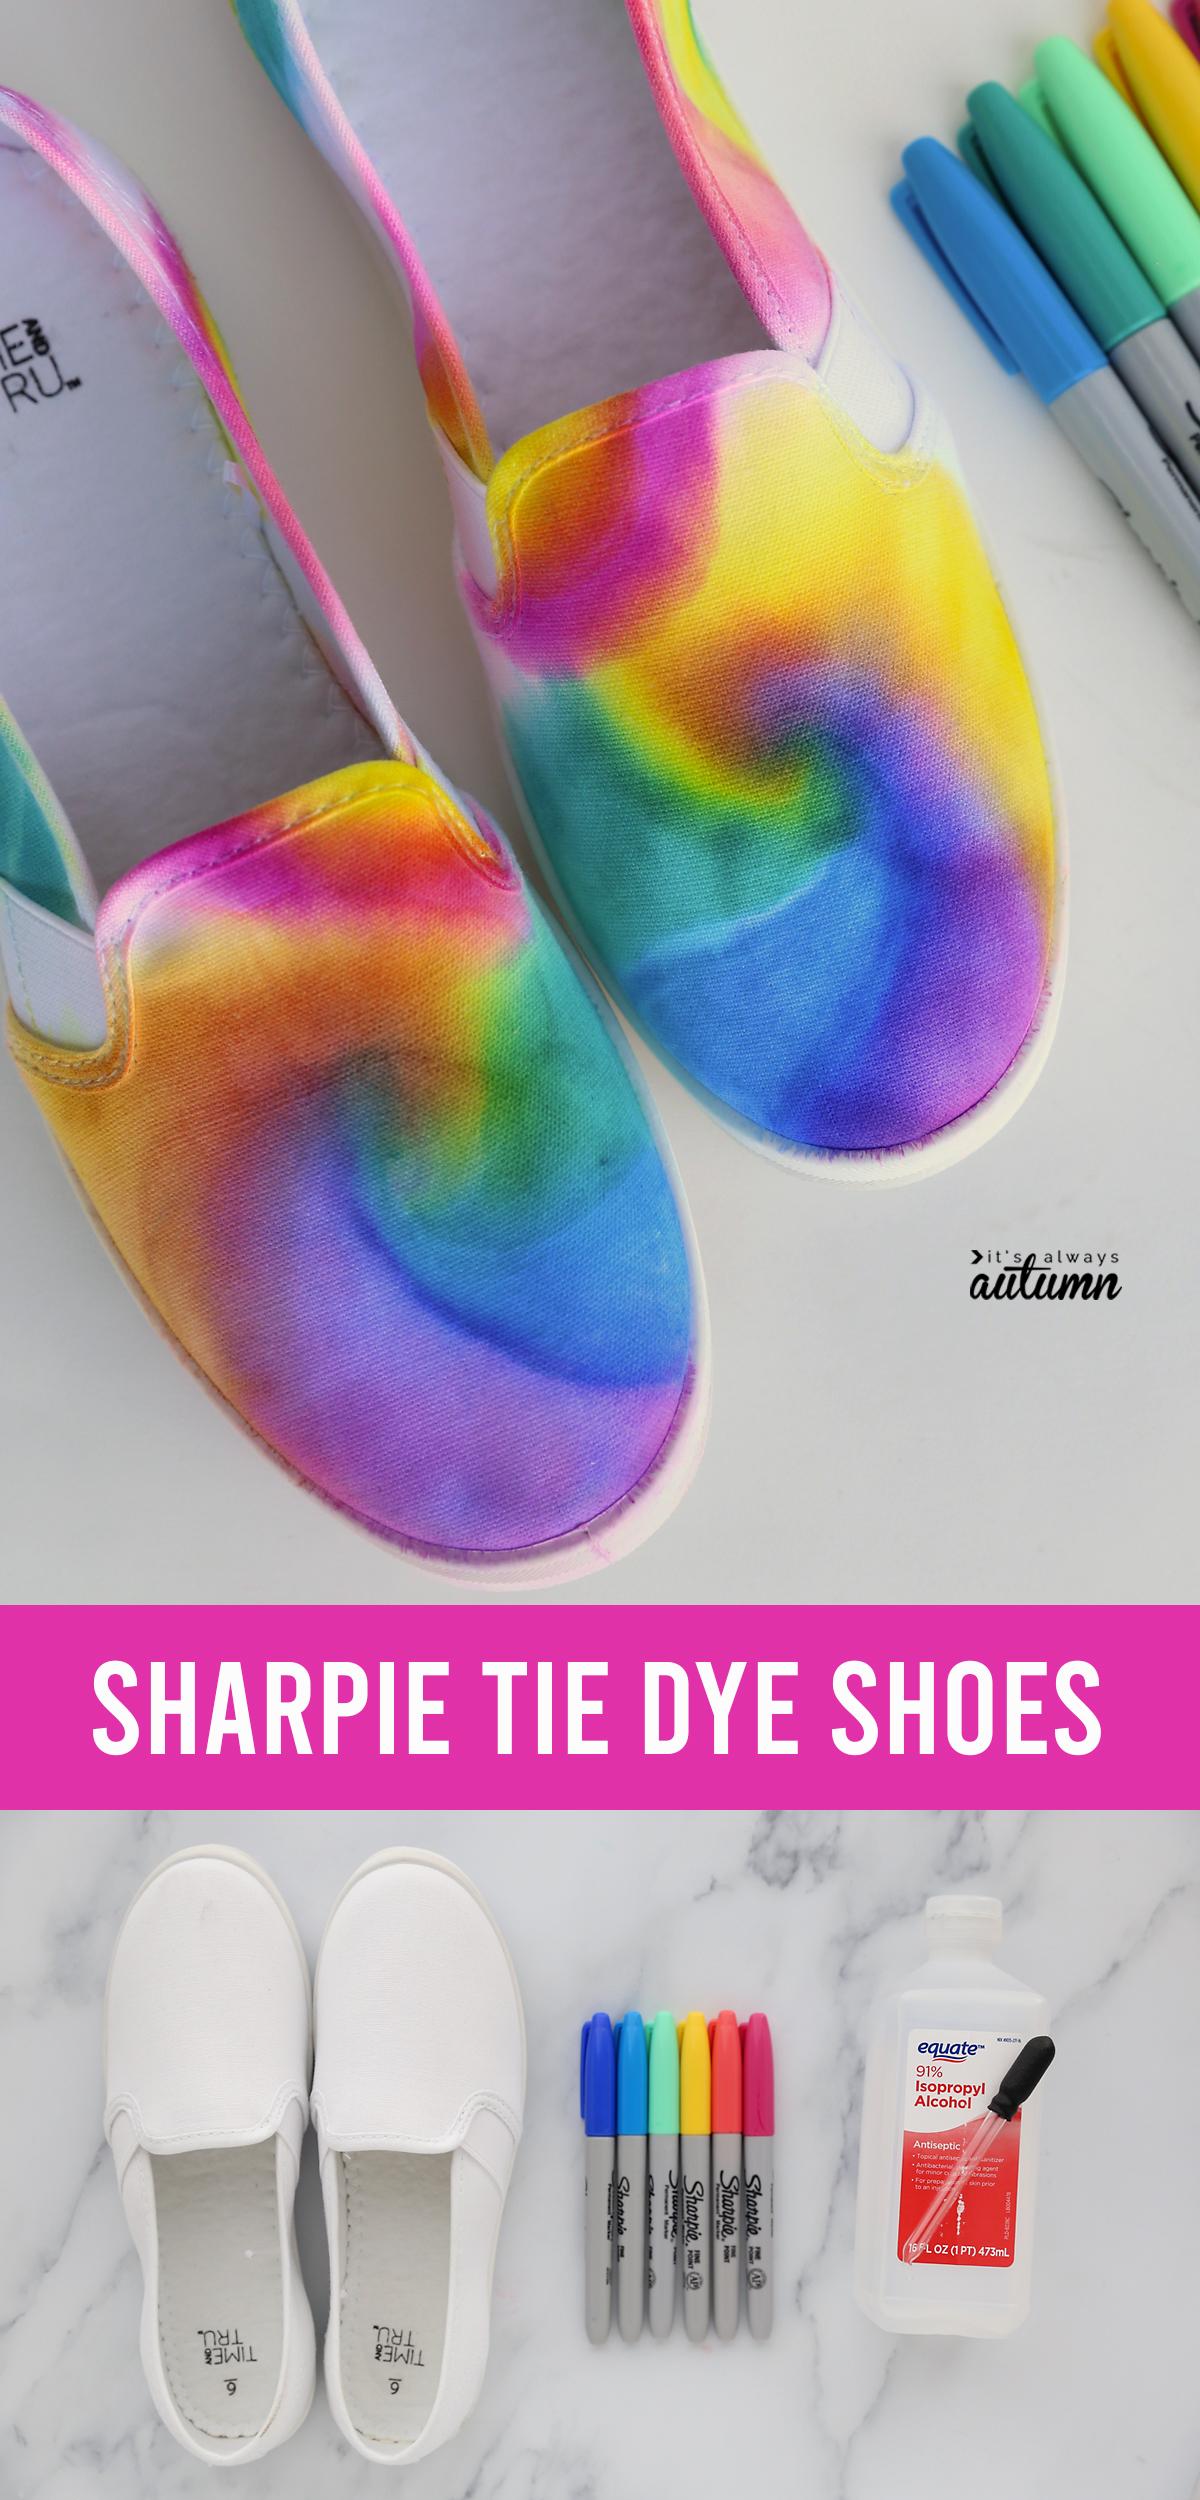 Zapatos de teñido anudado Sharpie;  suministros: zapatos, aguardientes, alcohol, gotero